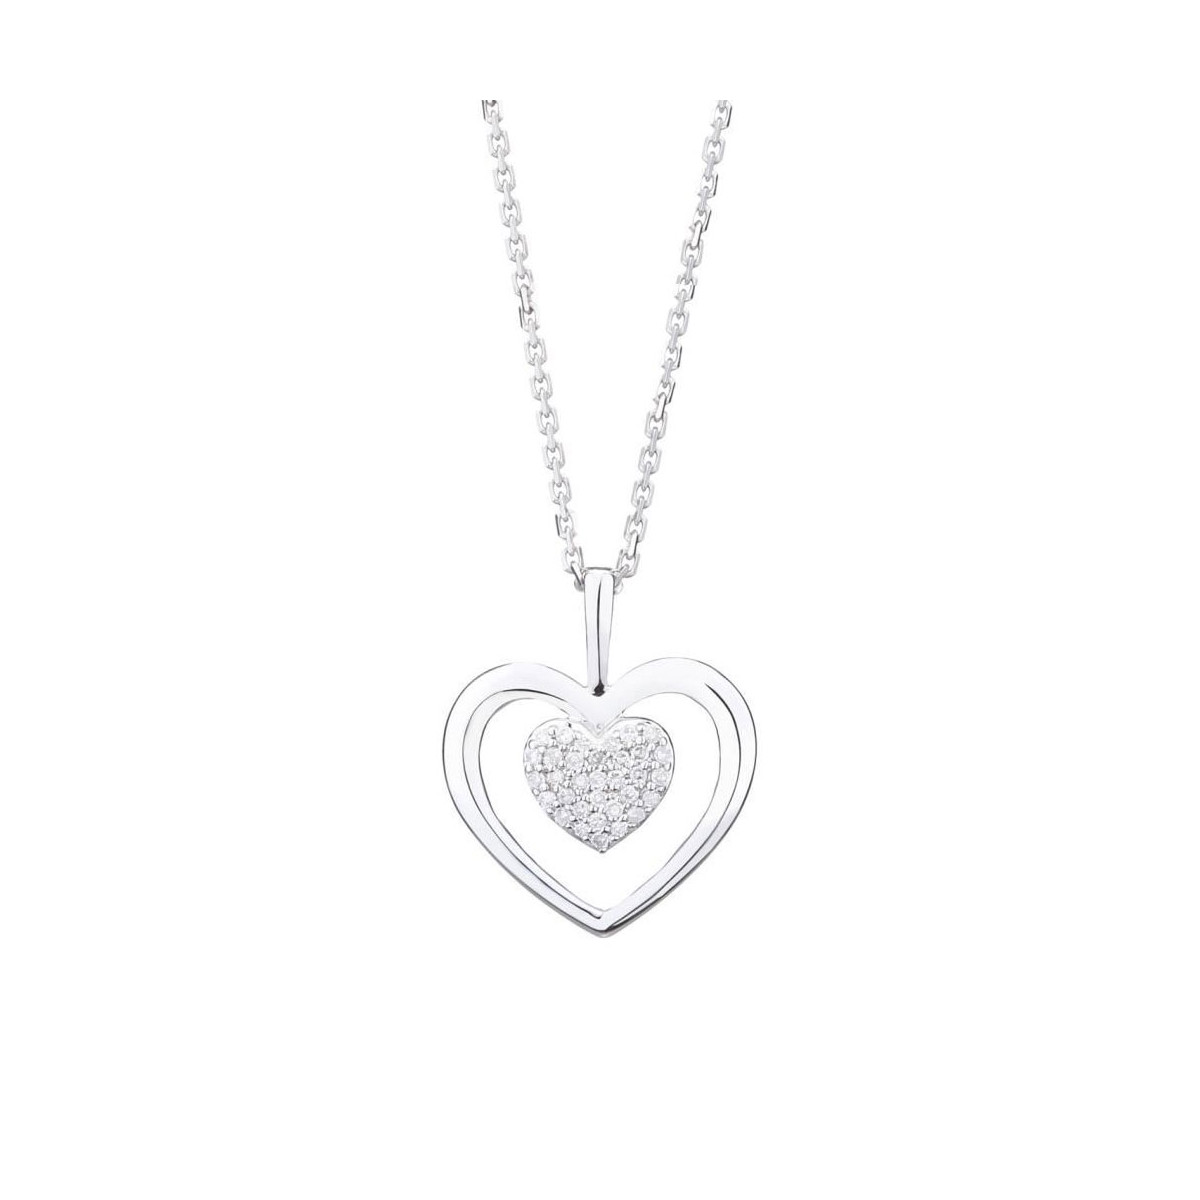 """Pendentif Or Blanc et Diamants 0,06 carat """"COEUR TENDRESSE"""" + chaîne argent offerte"""